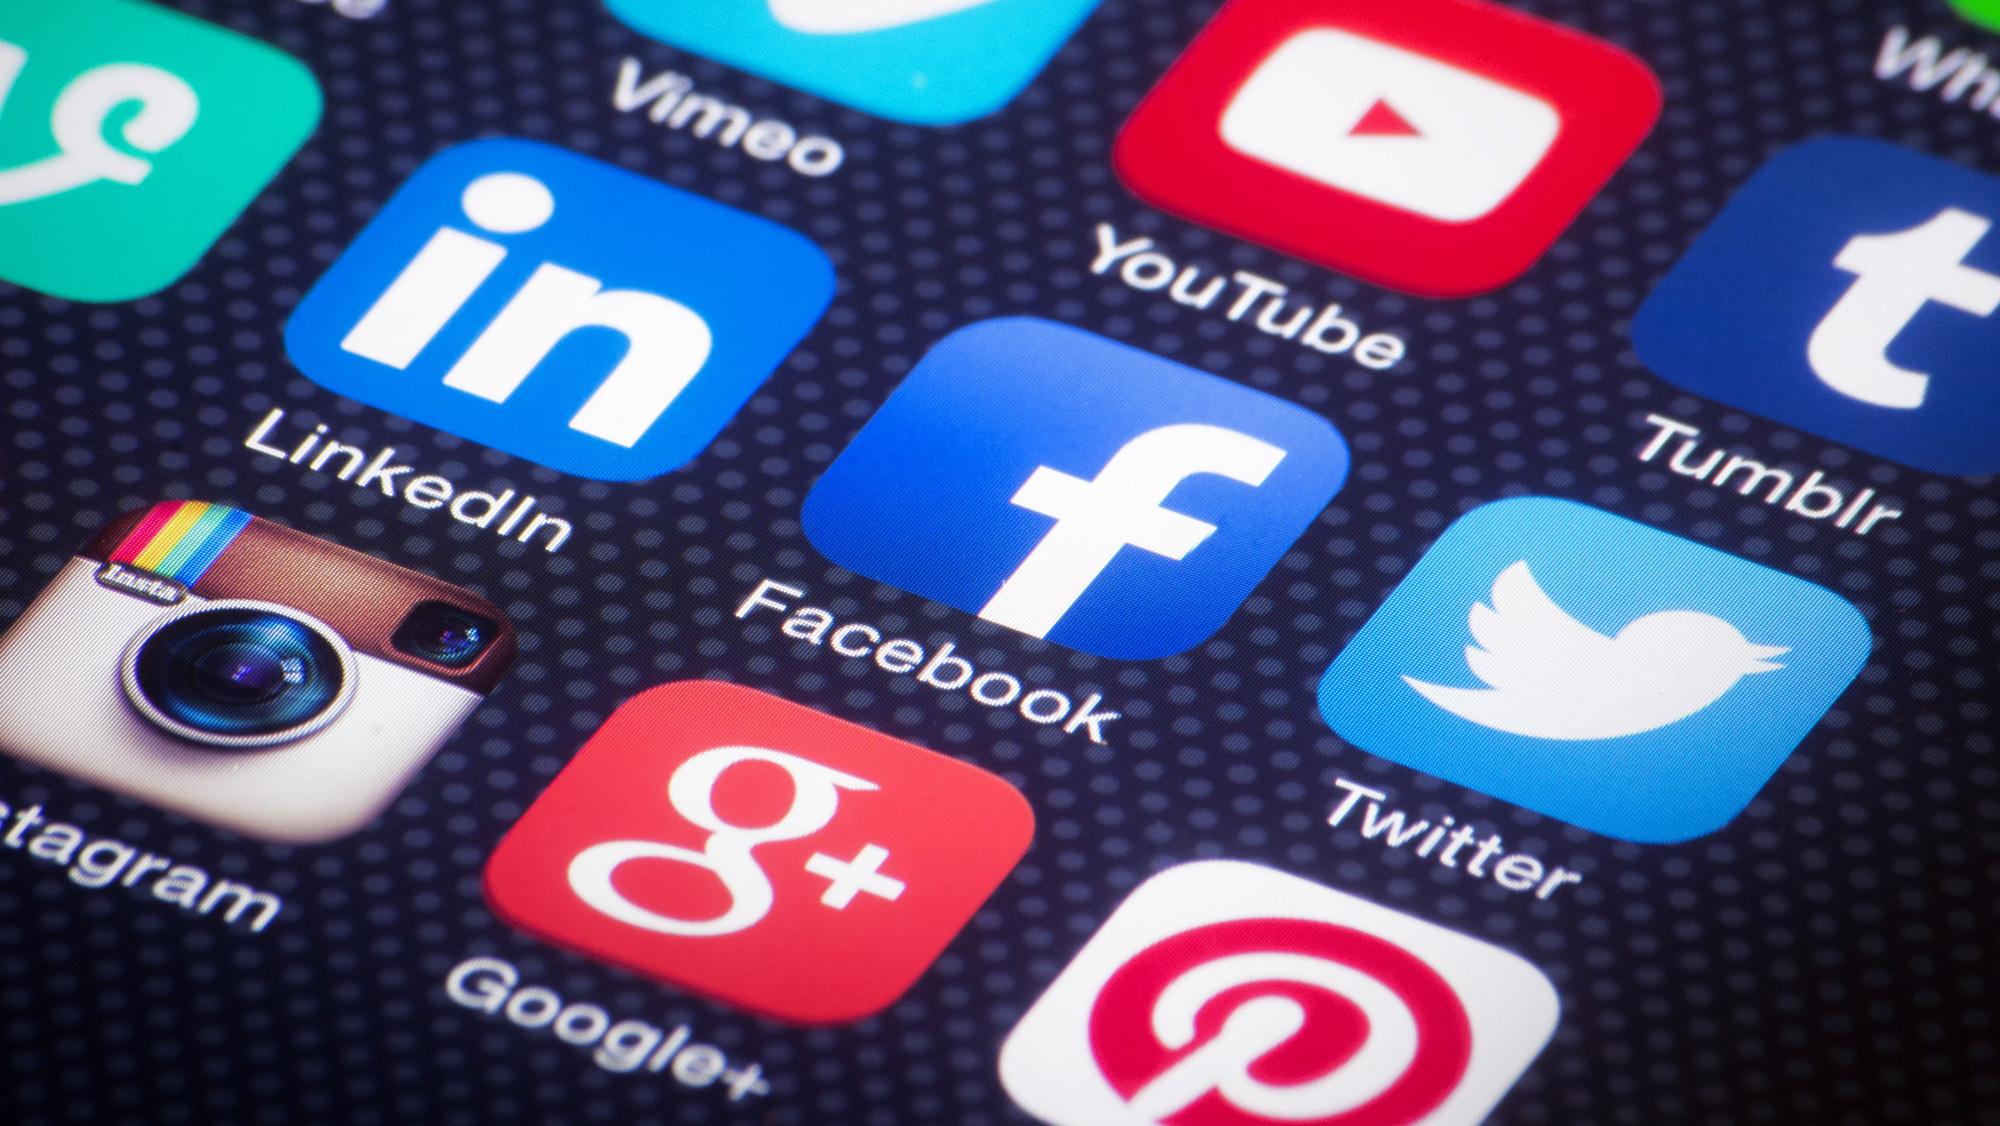 Chính thức siết hoạt động quảng cáo trên Youtube, Facebook tại Việt Nam từ 15/9 - Ảnh 1.